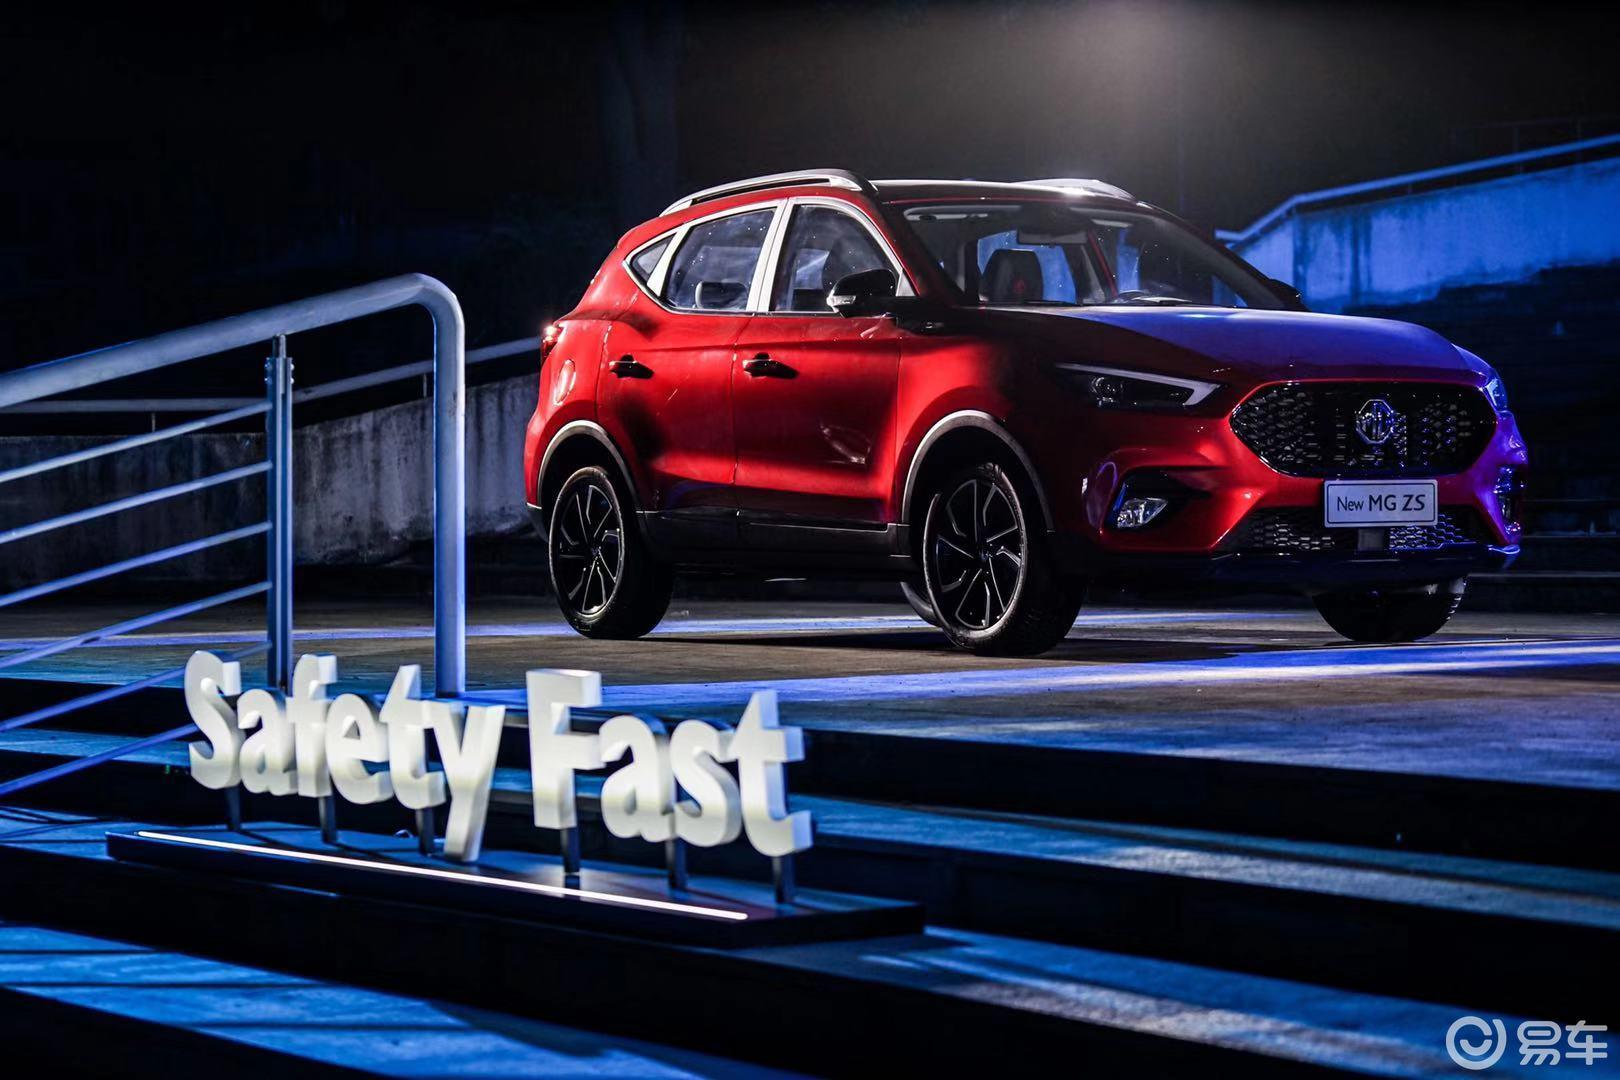 自主品牌时尚SUV全新上市 配T动力,7款车型选谁更值?